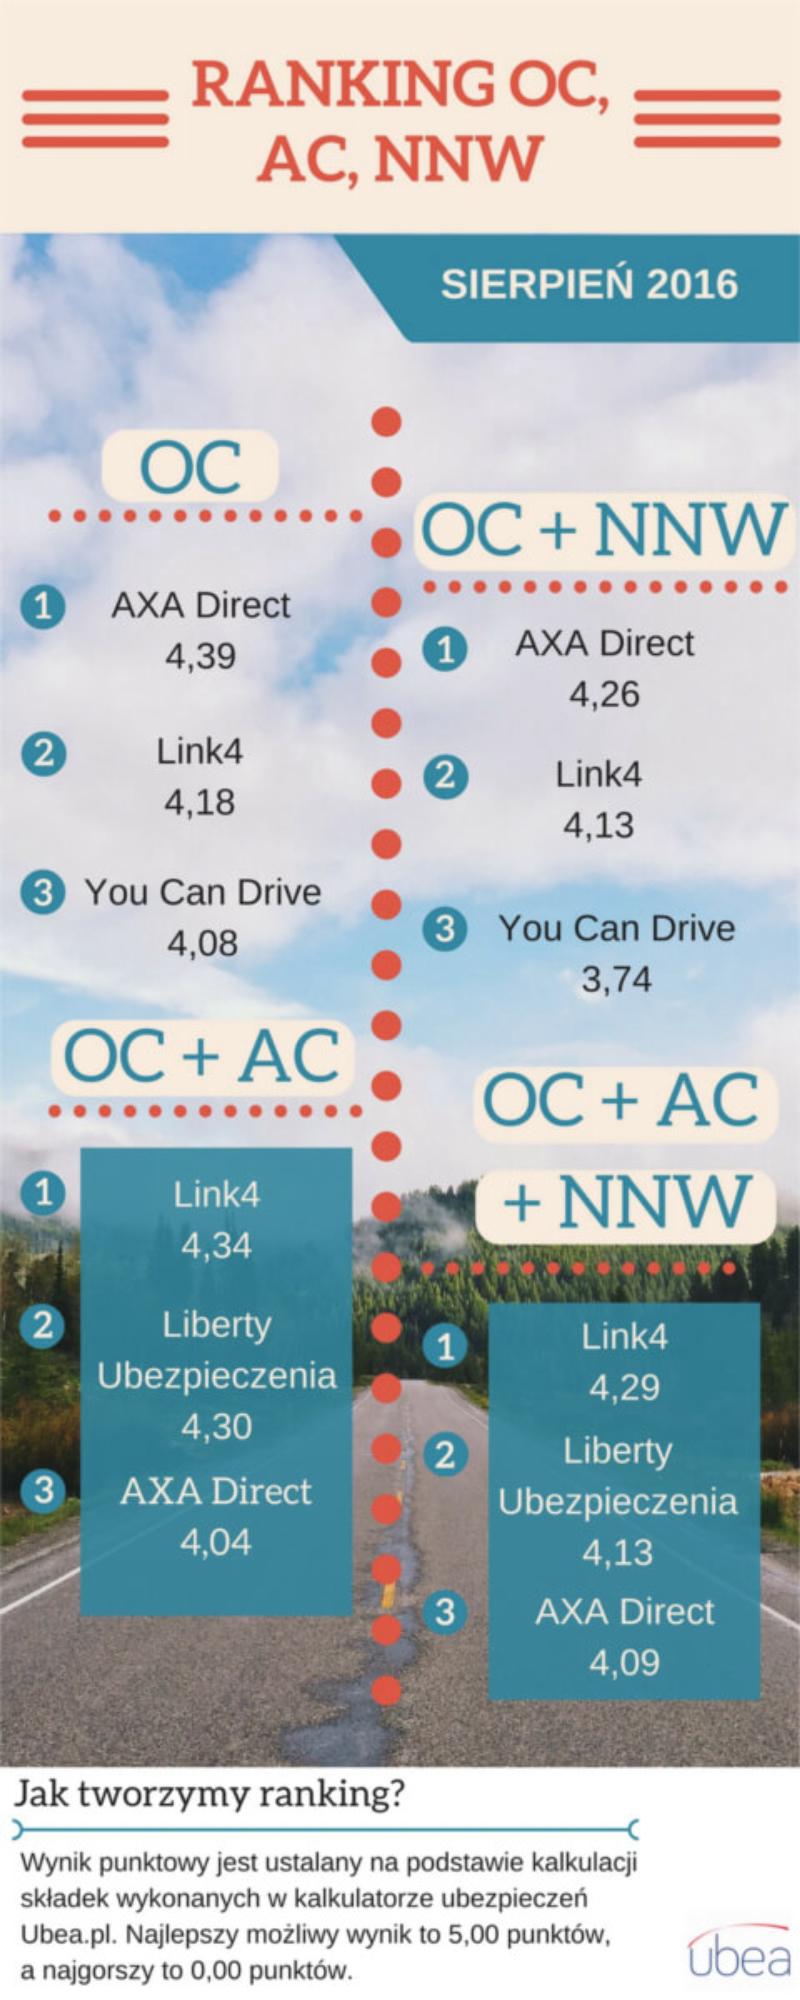 Ranking OC, AC, NNW - sierpień 2016